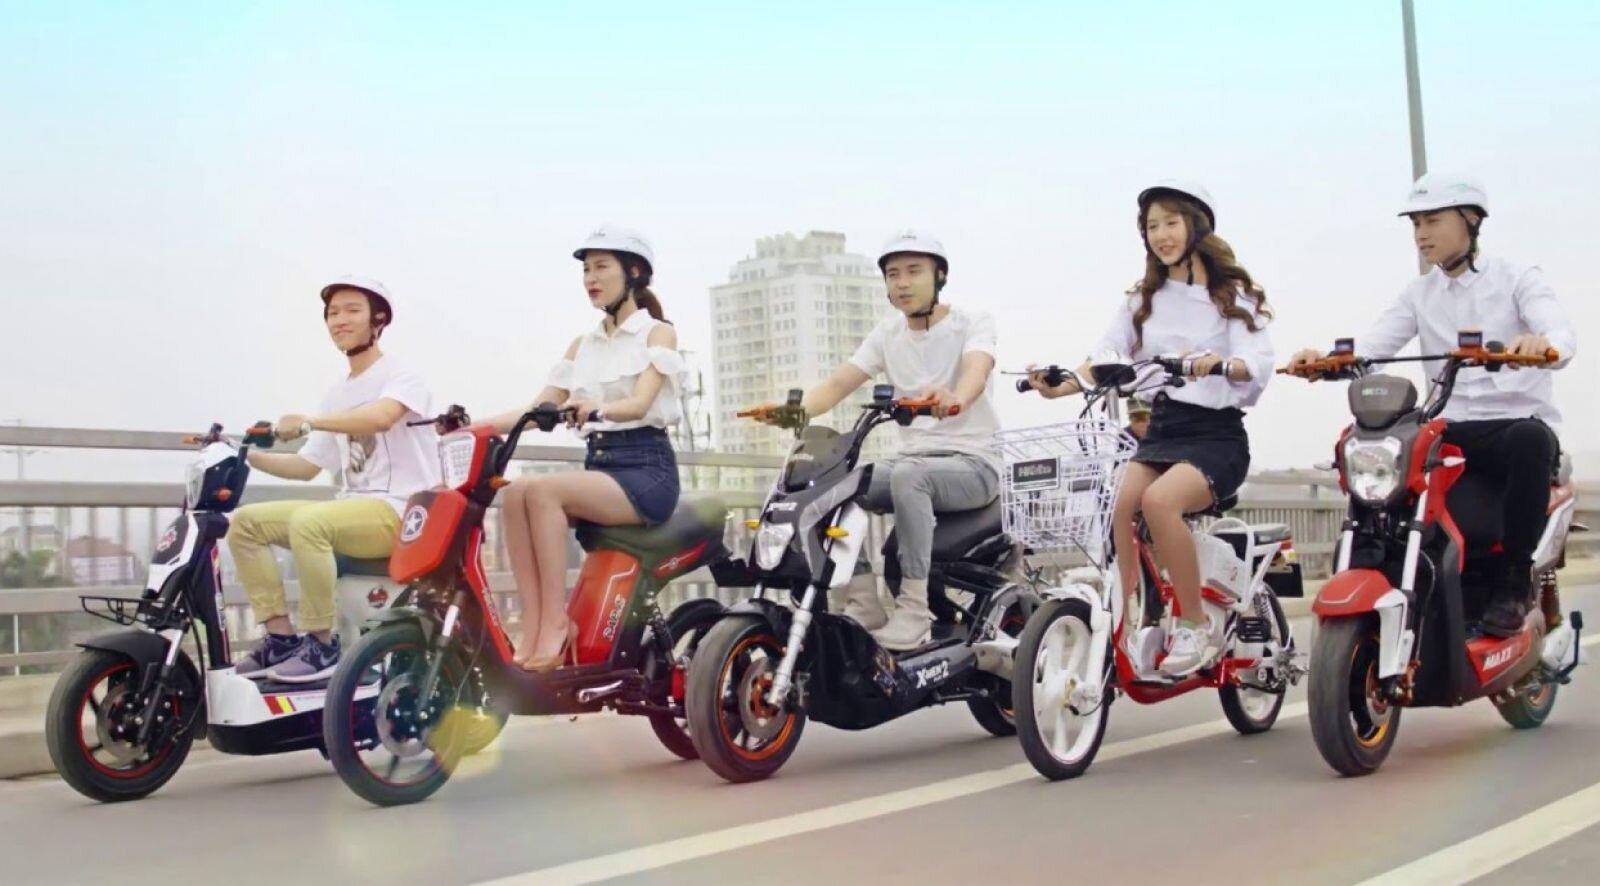 Chỉ nên đi từ một đến hai người trên xe máy điện để đảm bảo tải trọng an toàn